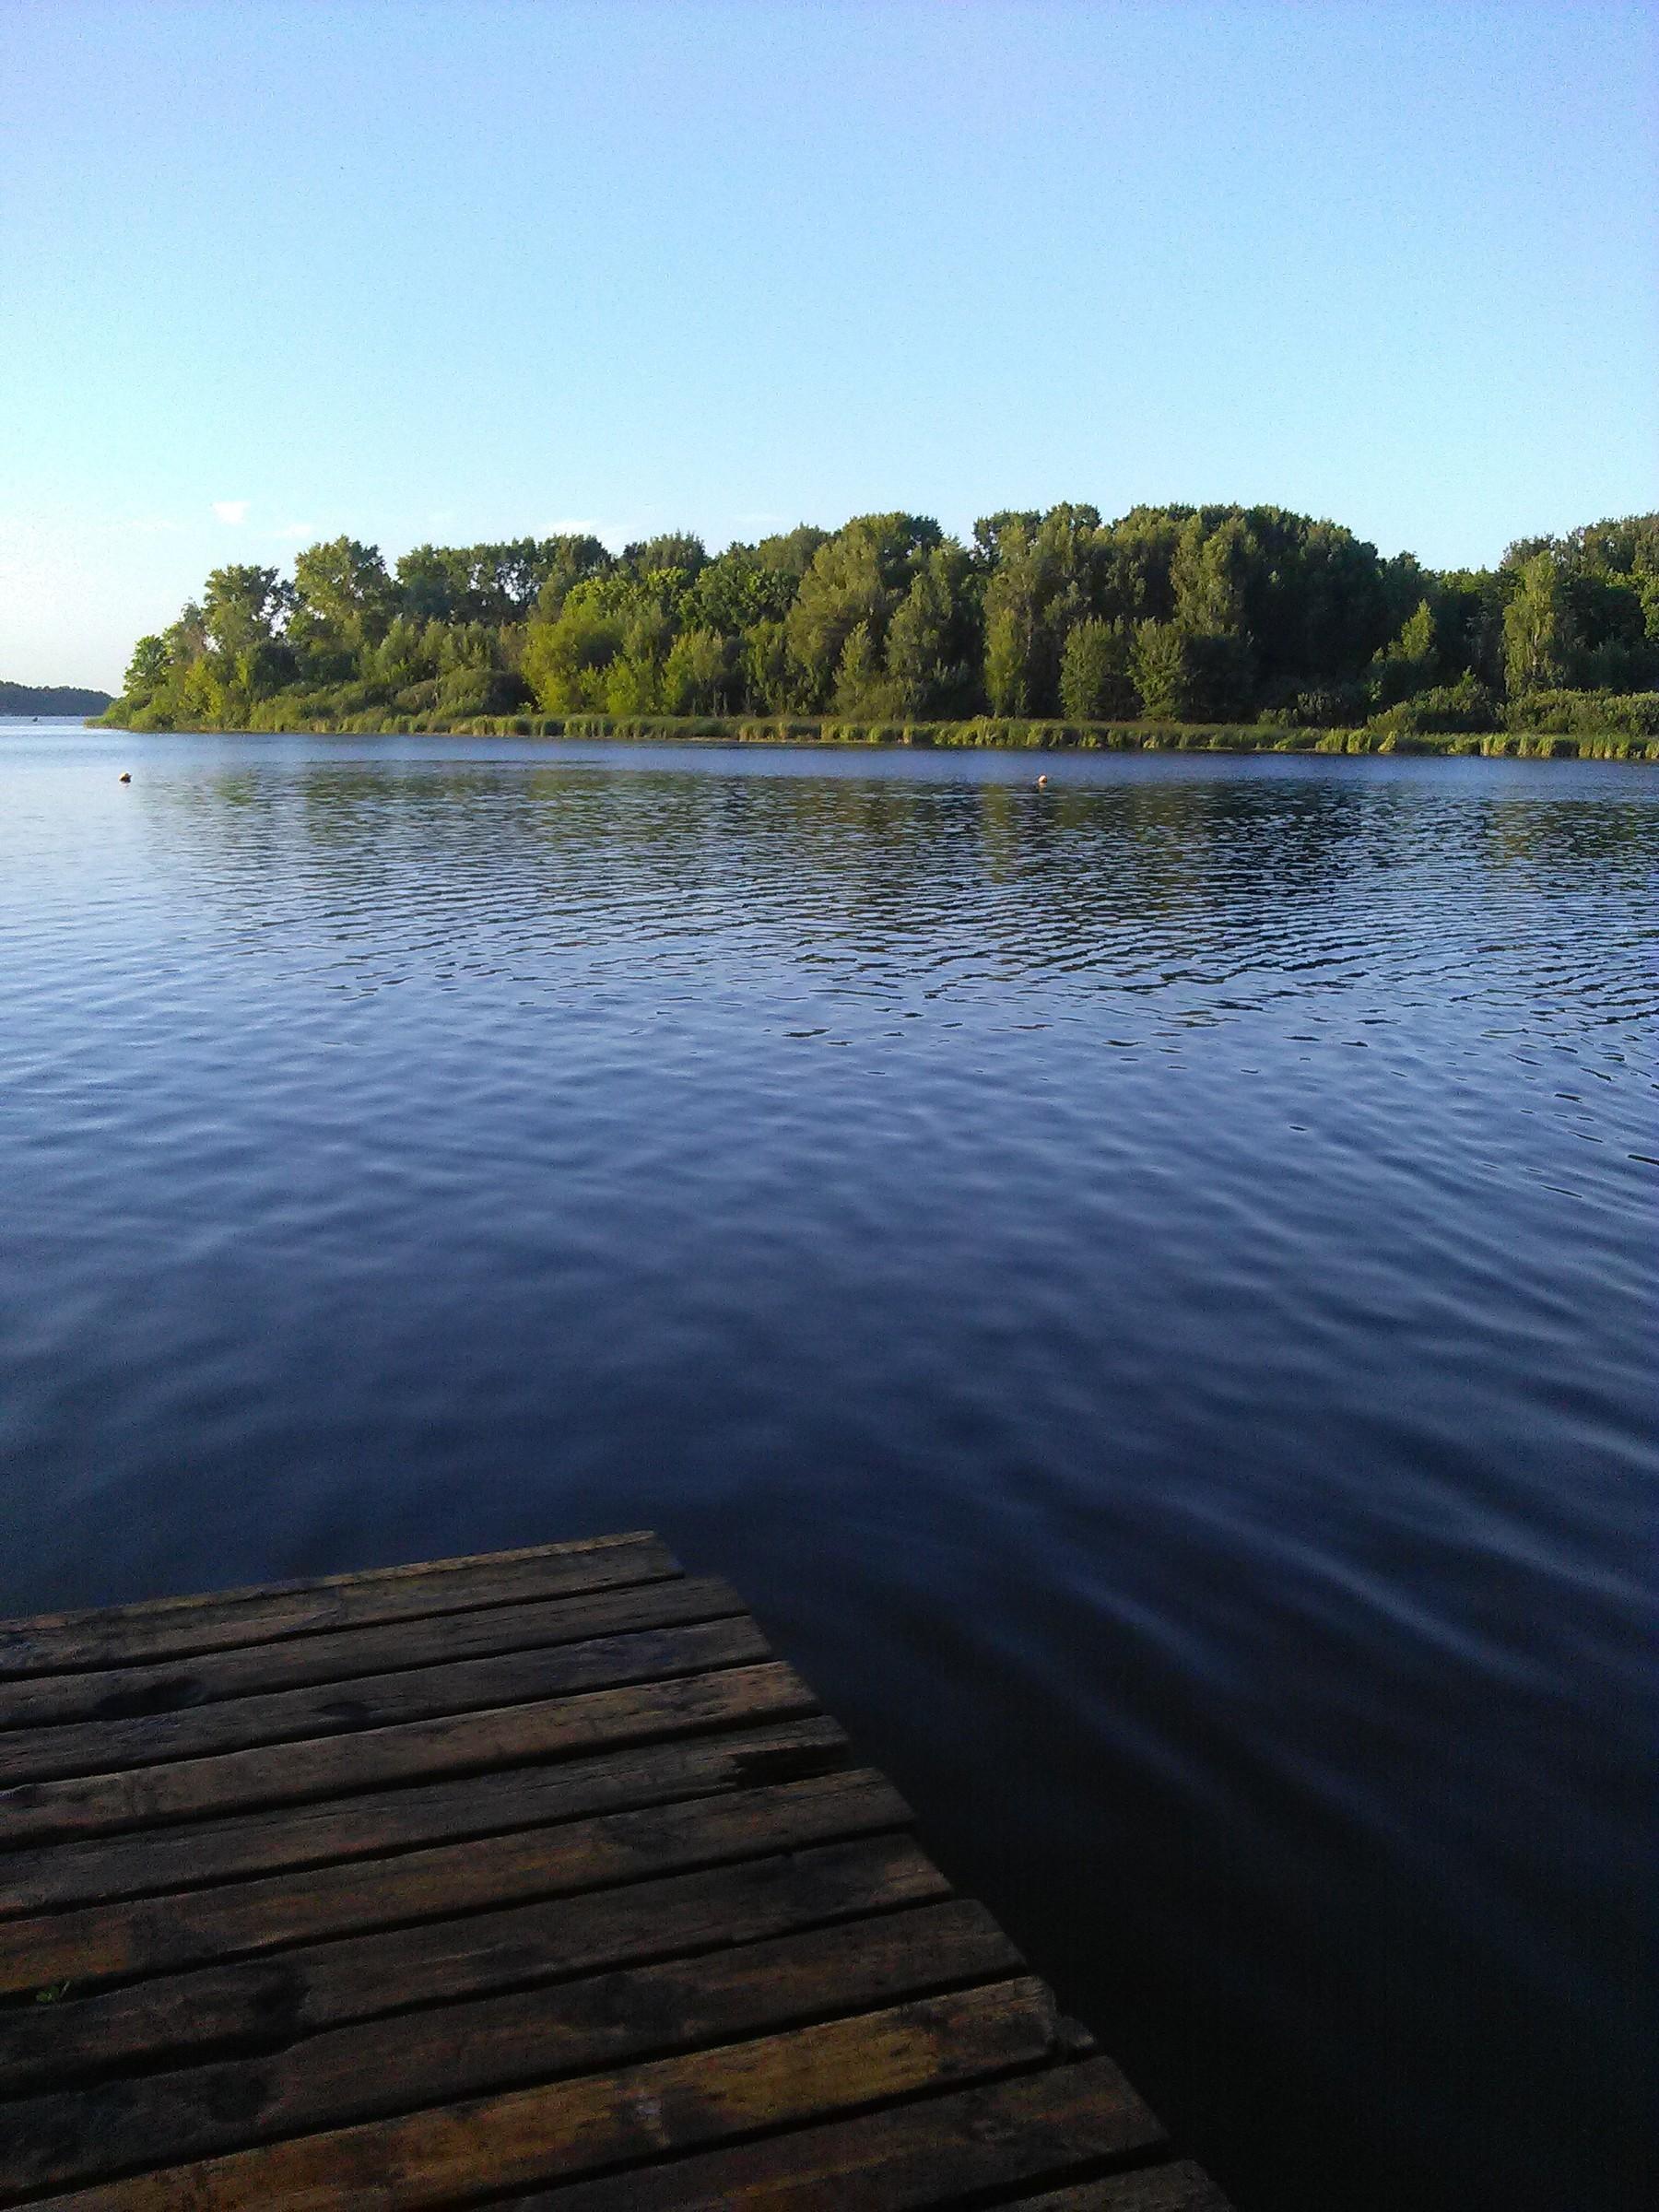 озеро рыбалка отзывы